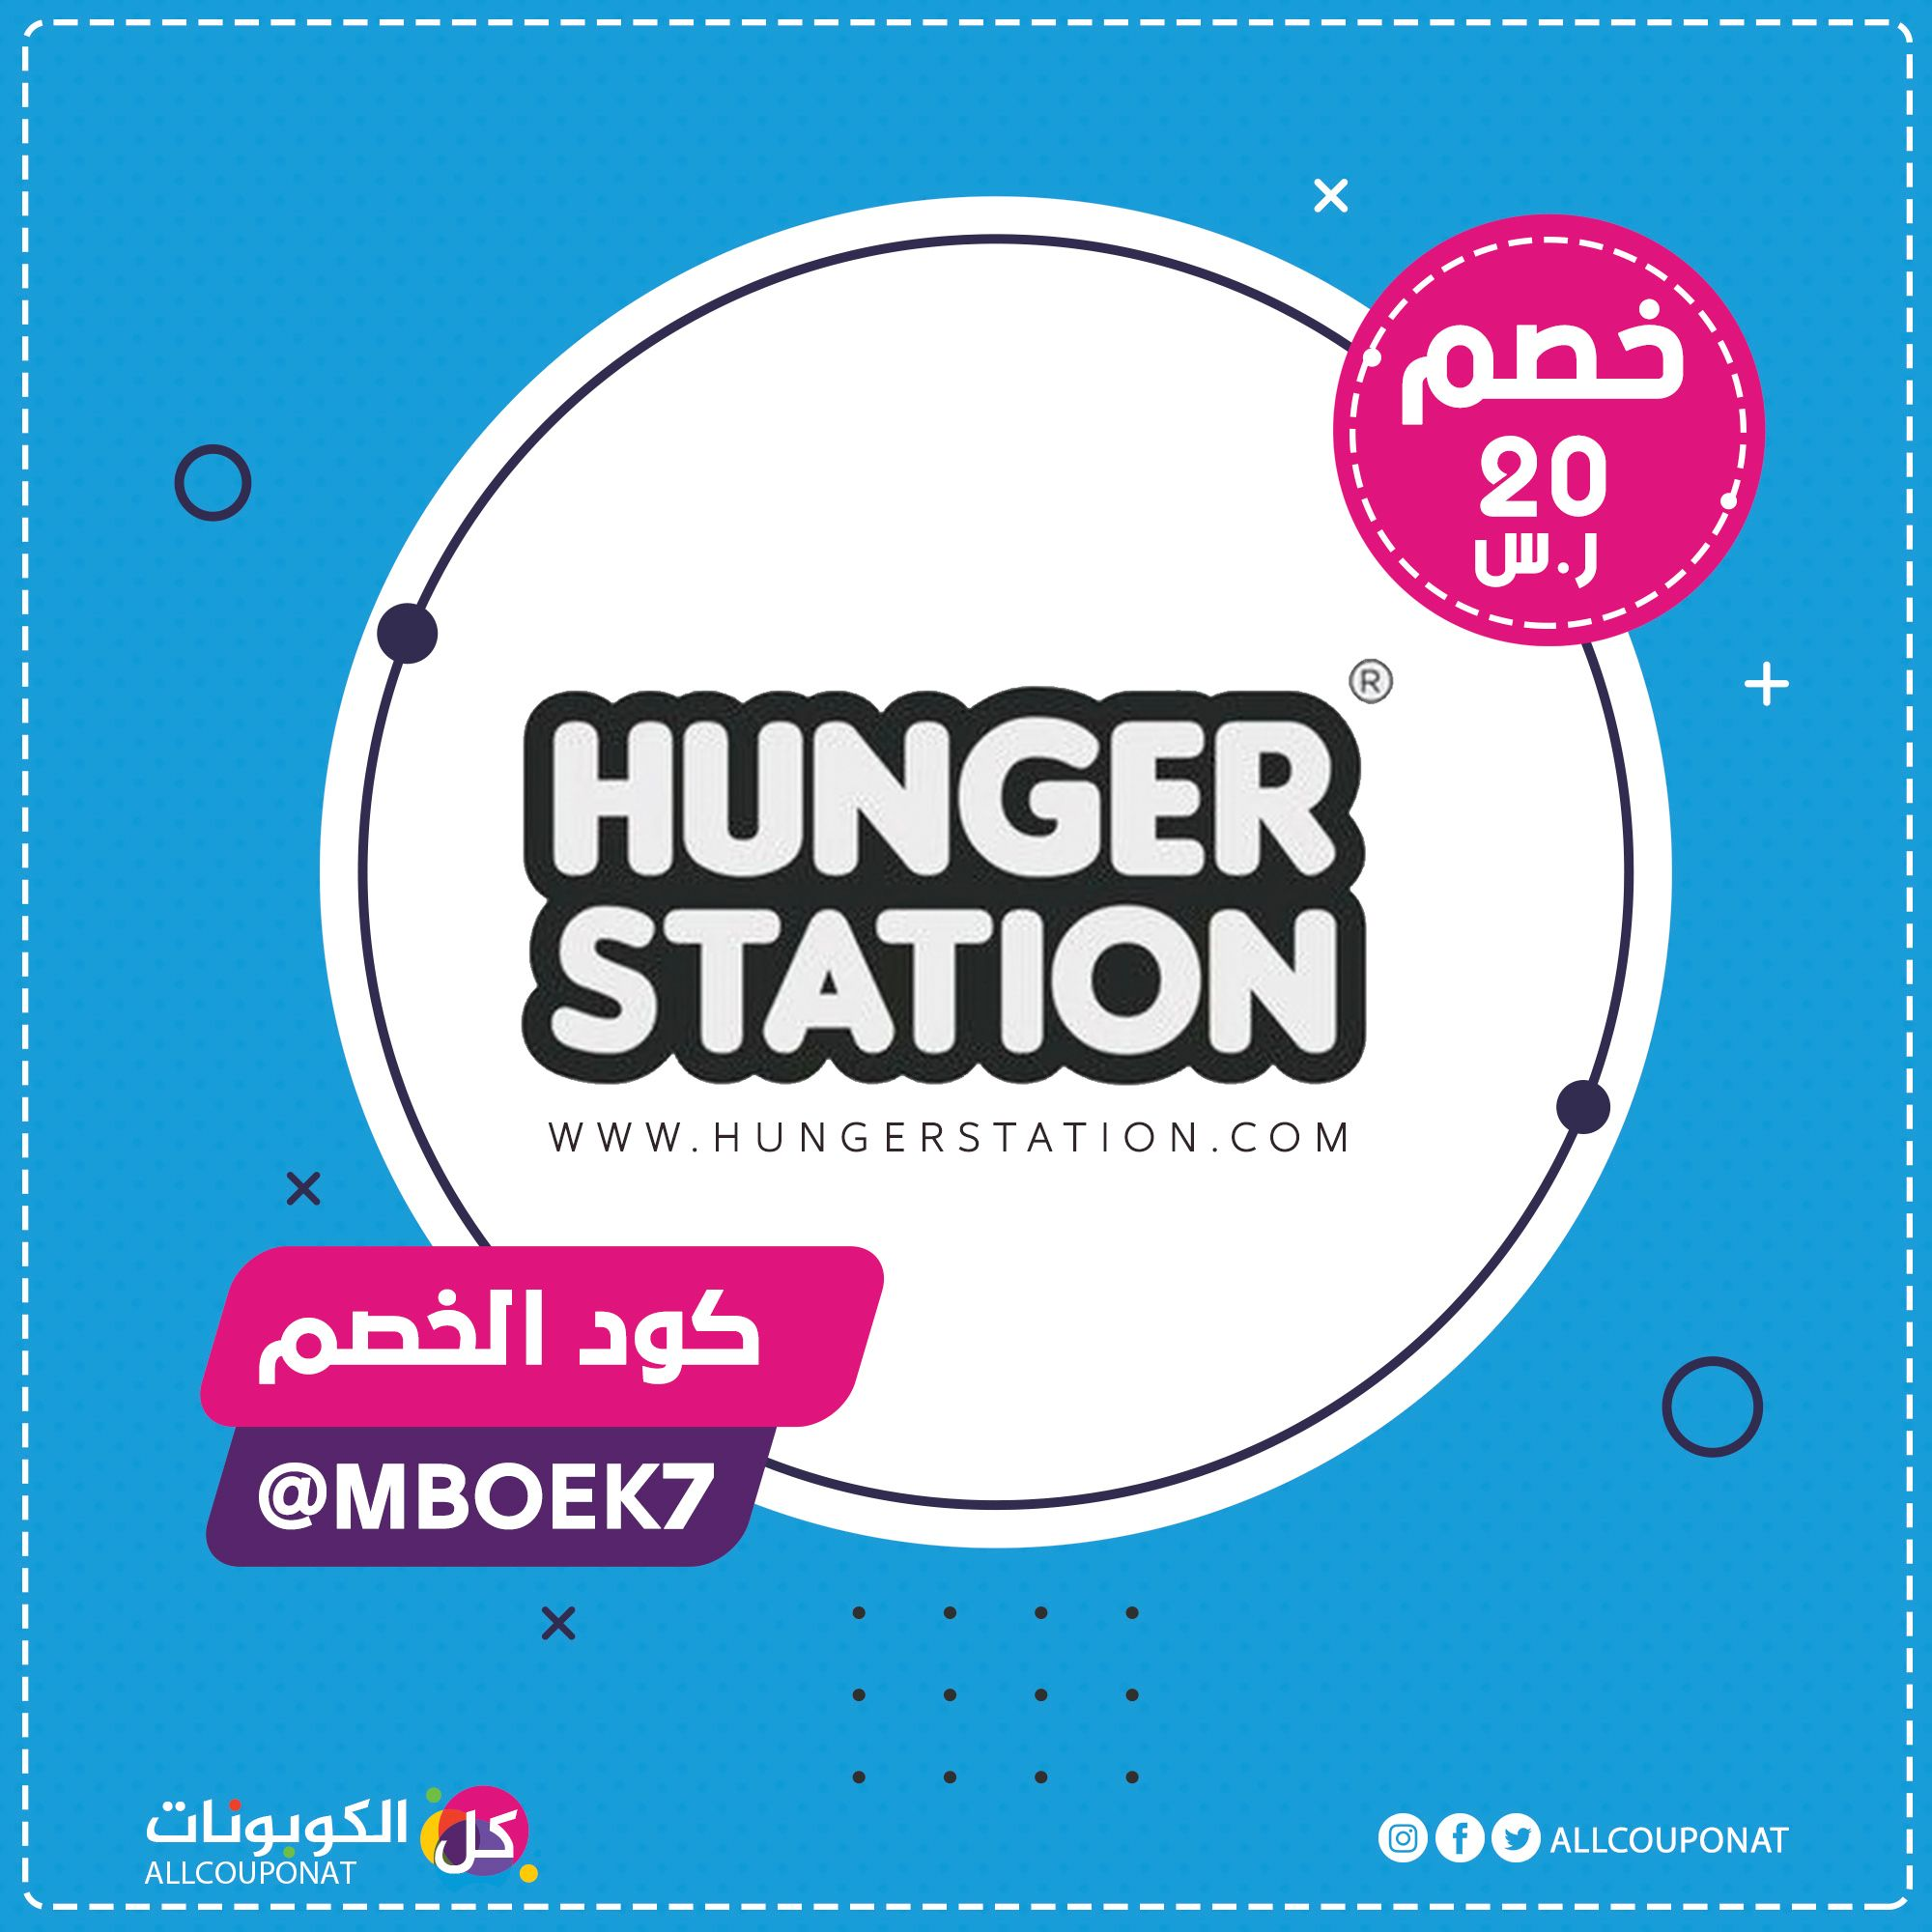 يقدم لكم فريق كل الكوبونات عرض خصم بقيمة 20ريال سعودي من هنقرستيشن Station Hunger